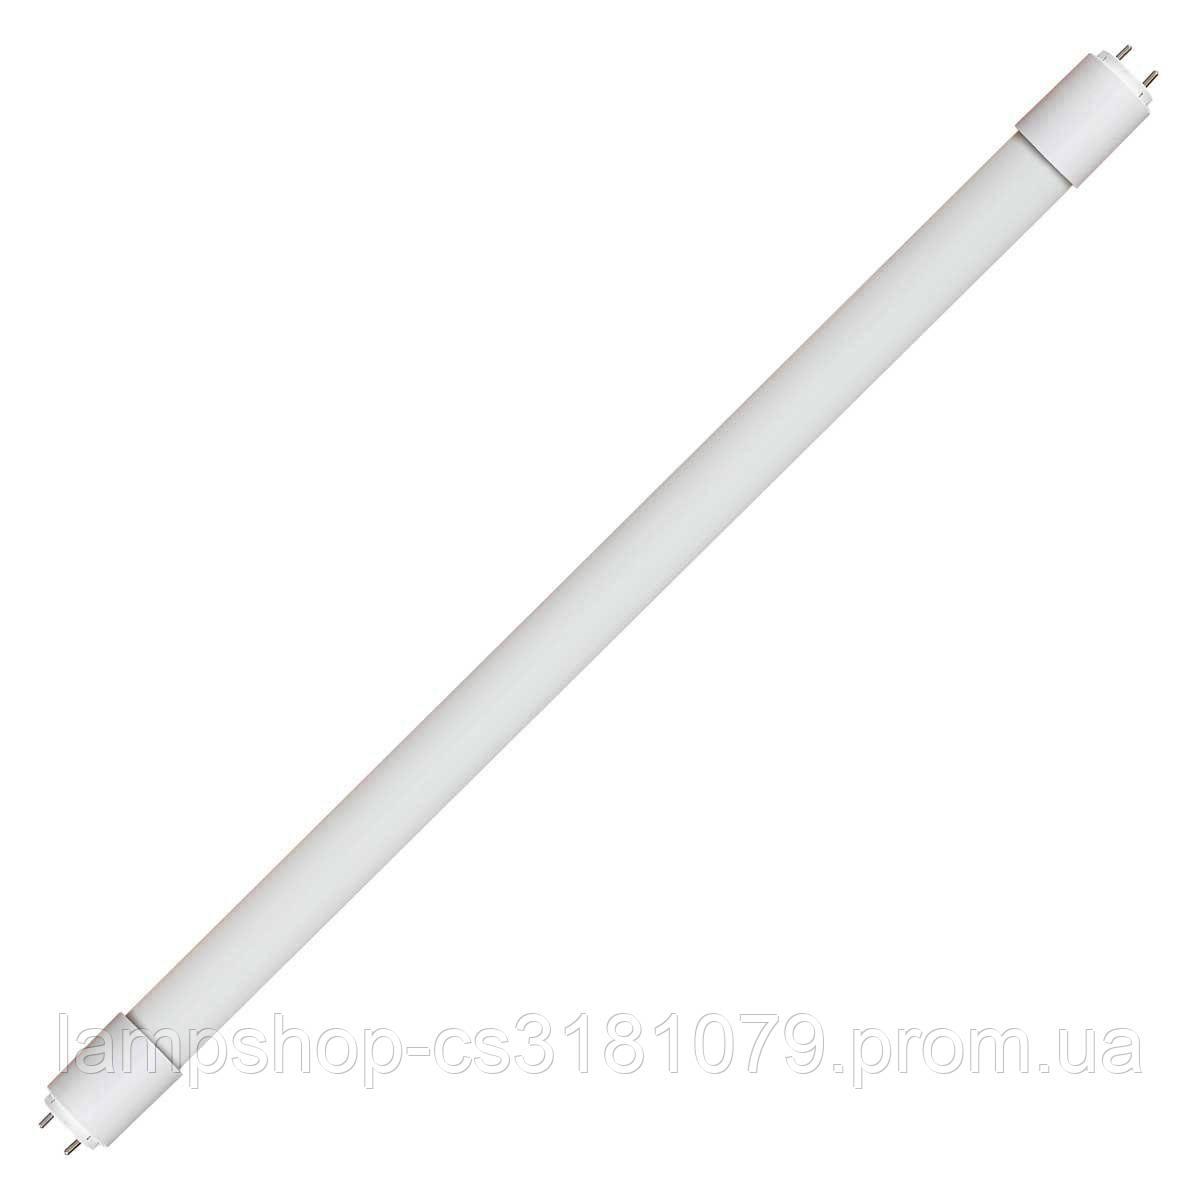 Светодиодная лампа Biom T8-GL-600-8W CW 6200К G13 стекло матовое